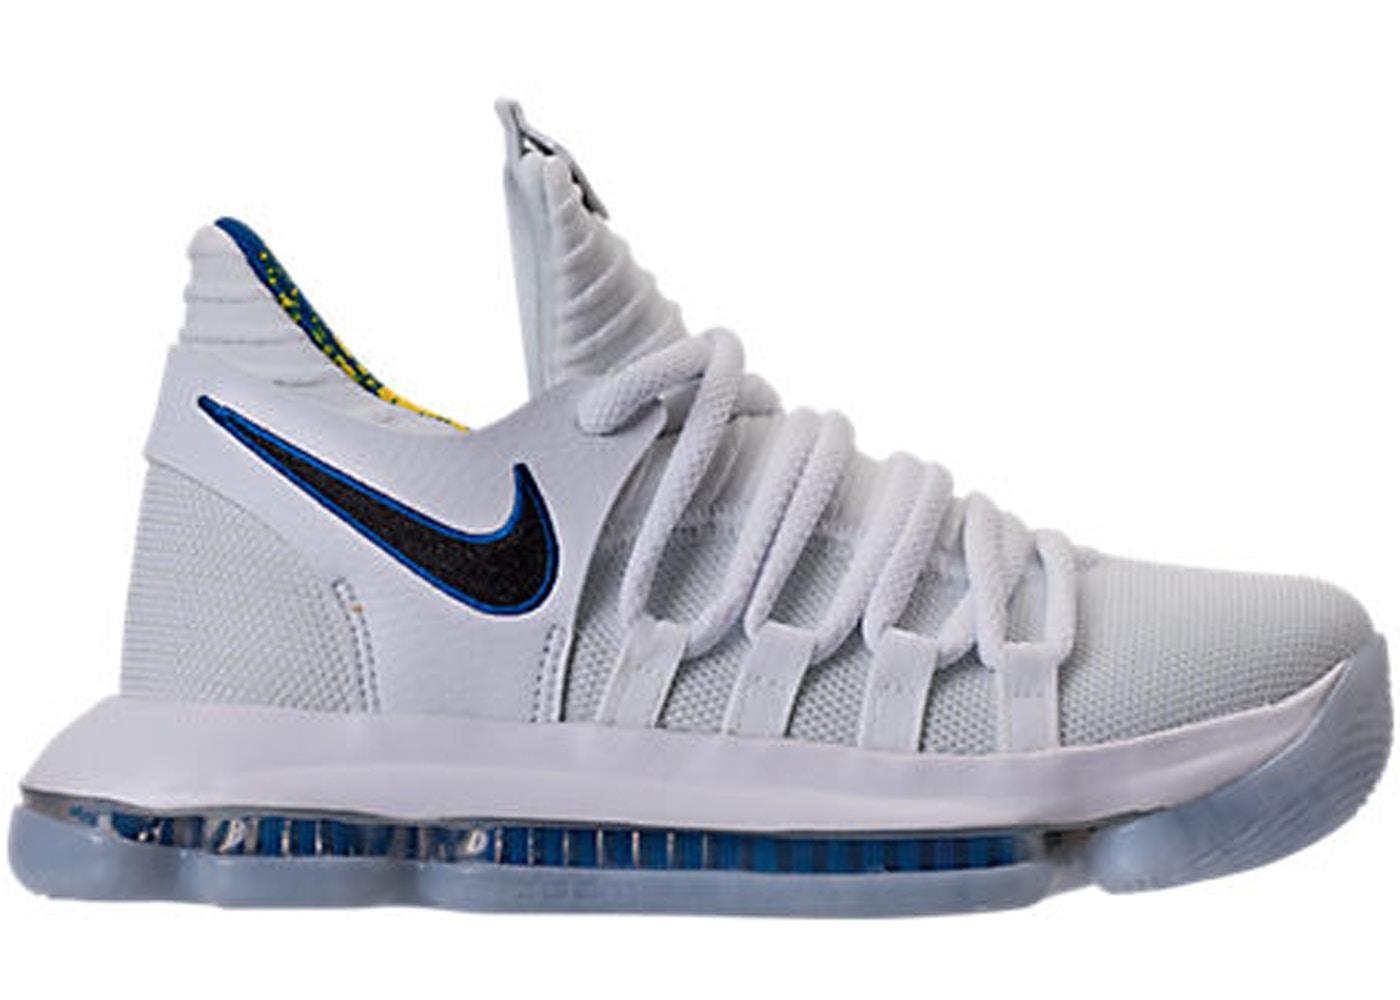 626b30a6a90c Buy Nike KD Shoes   Deadstock Sneakers